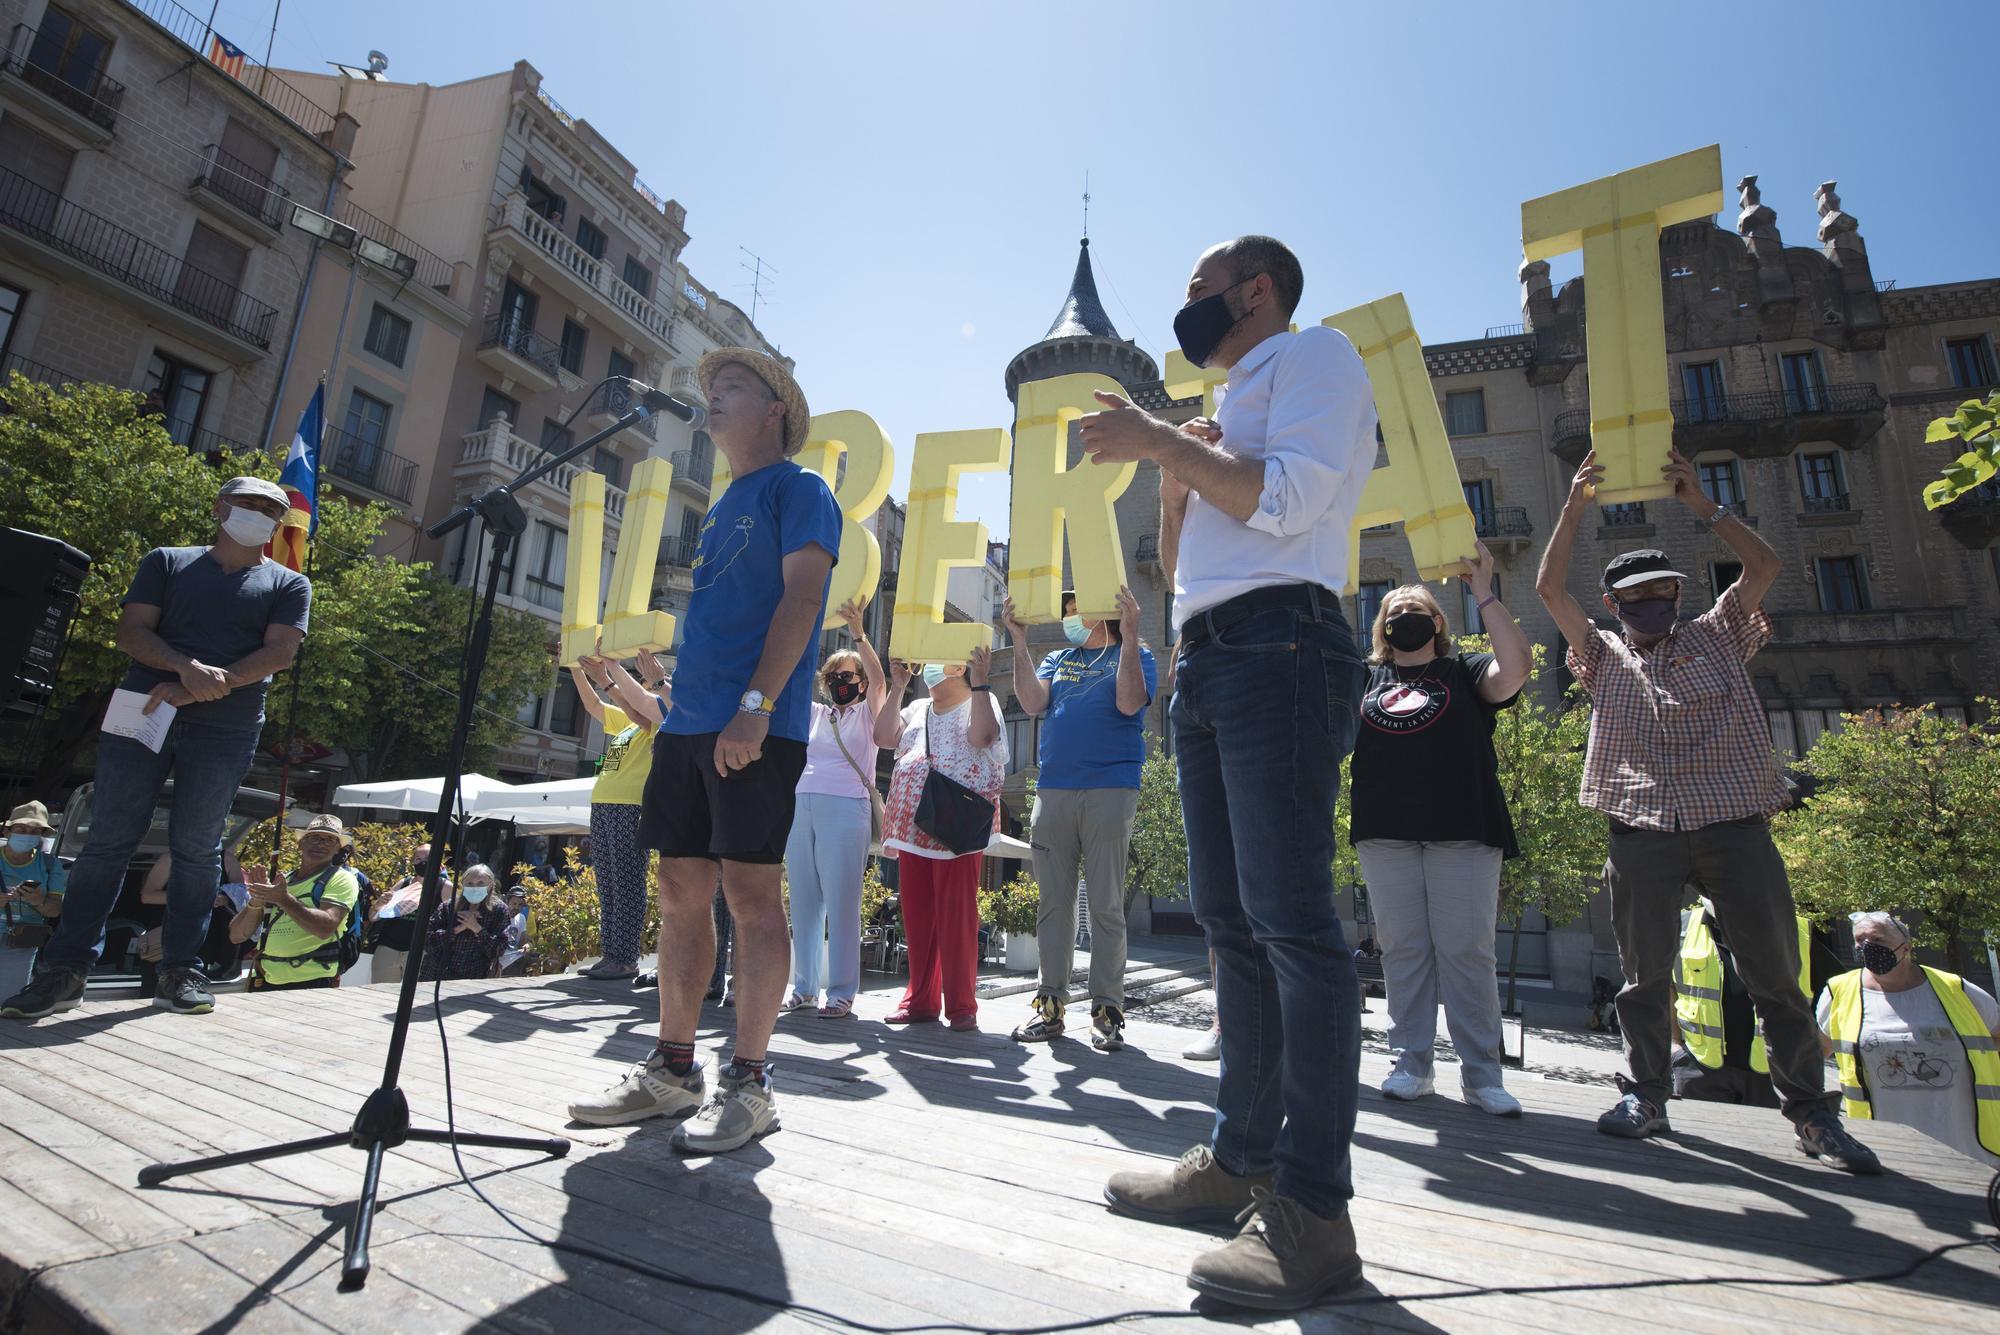 Pere Aragonès visita Manresa i rep a Jordi Turull